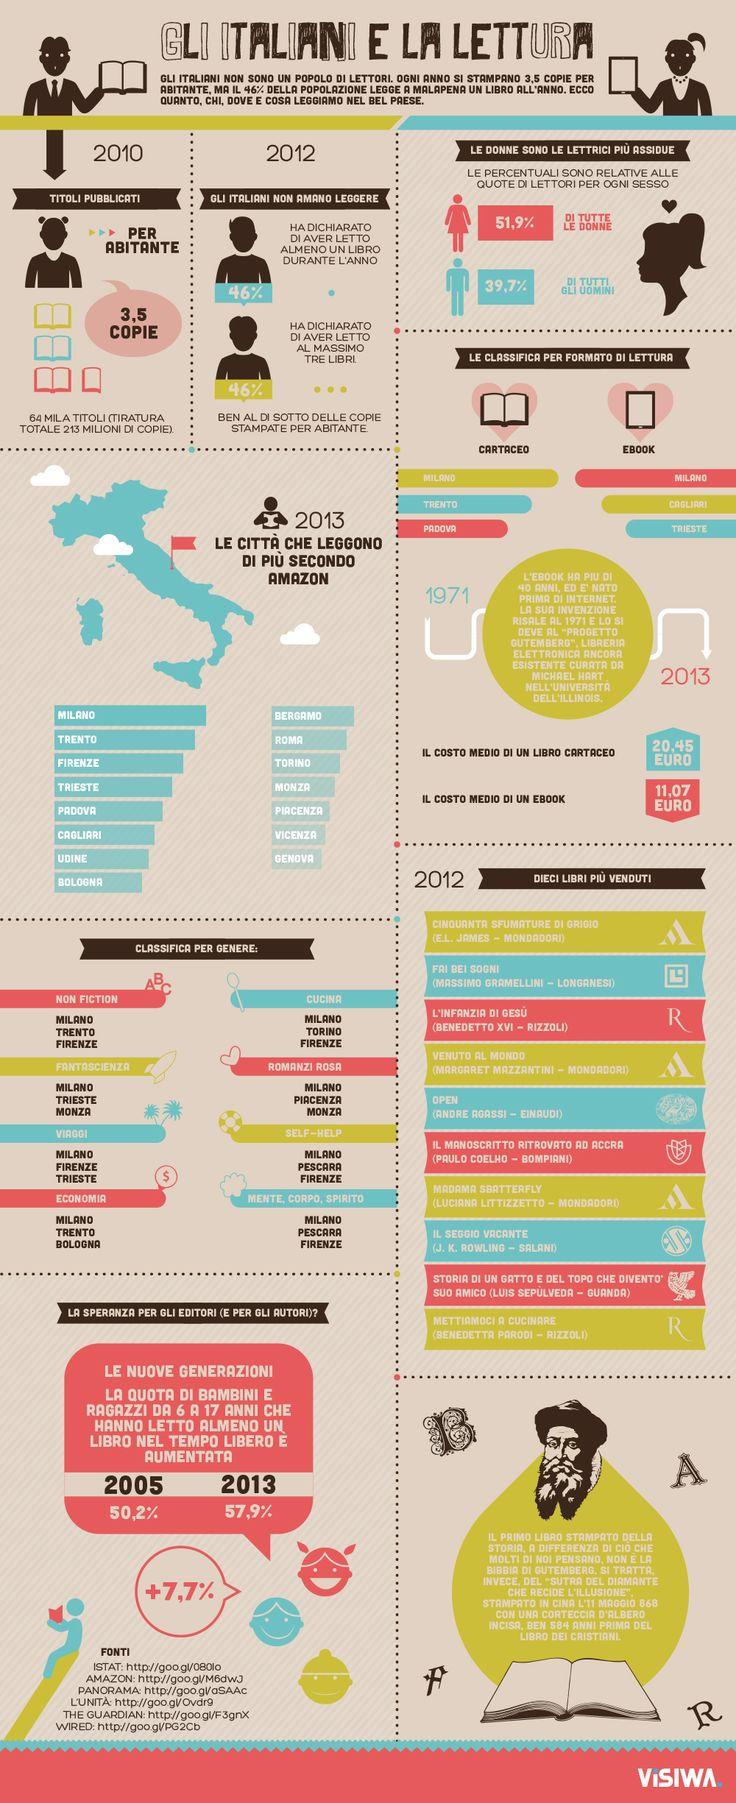 #Libri in Italia: come, quanto e cosa leggiamo #infografica